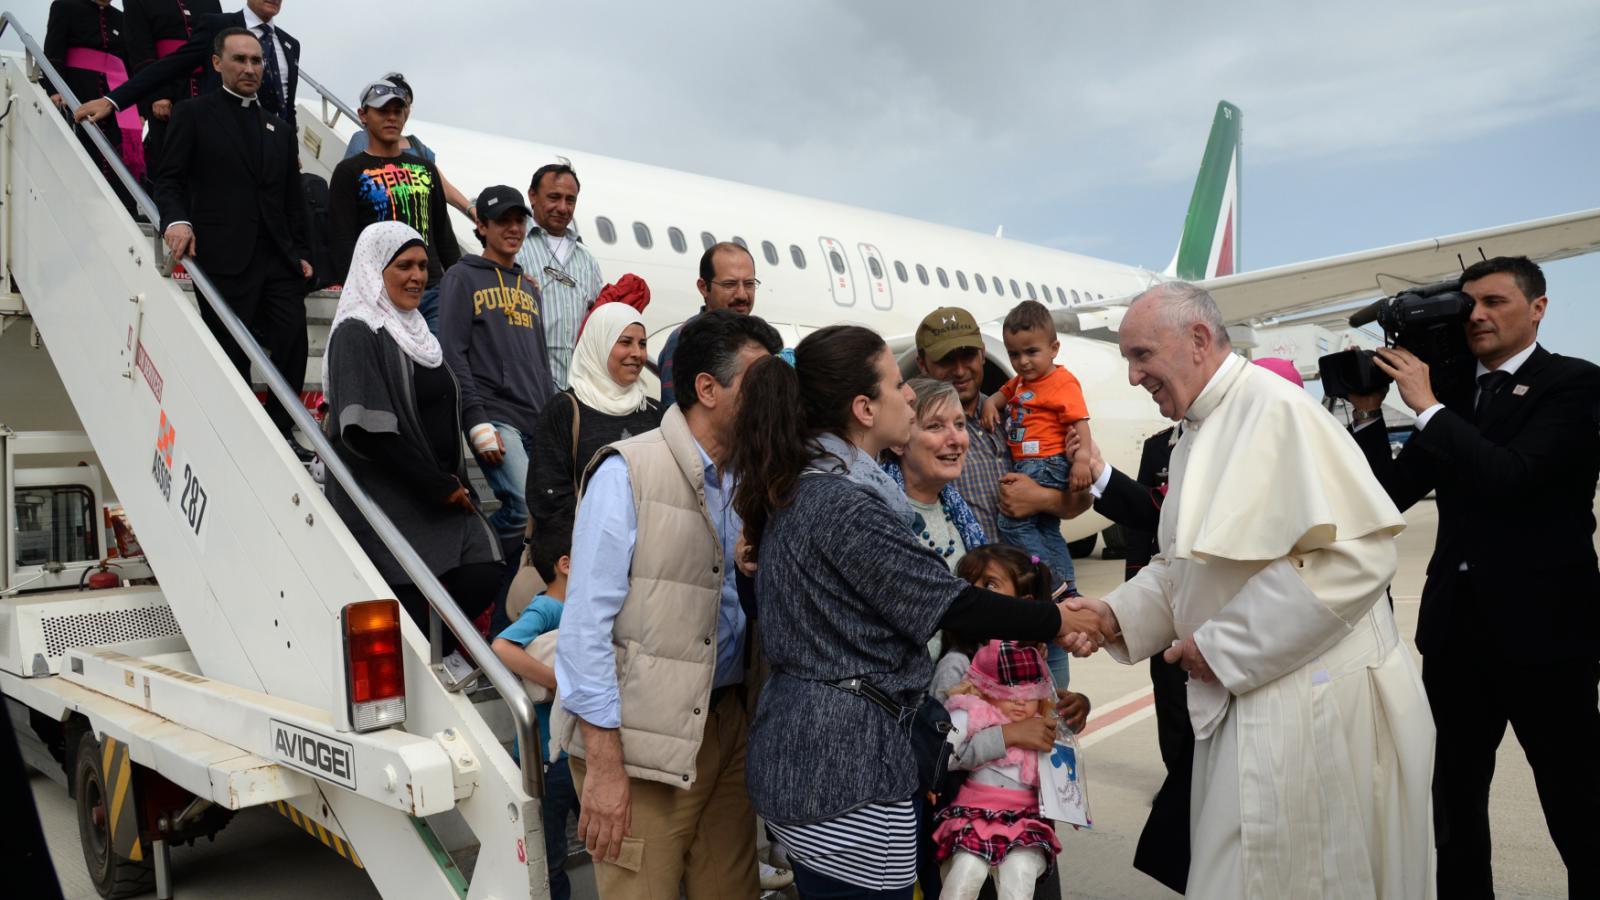 Papež odletěl z Lesbu se syrskými běženci